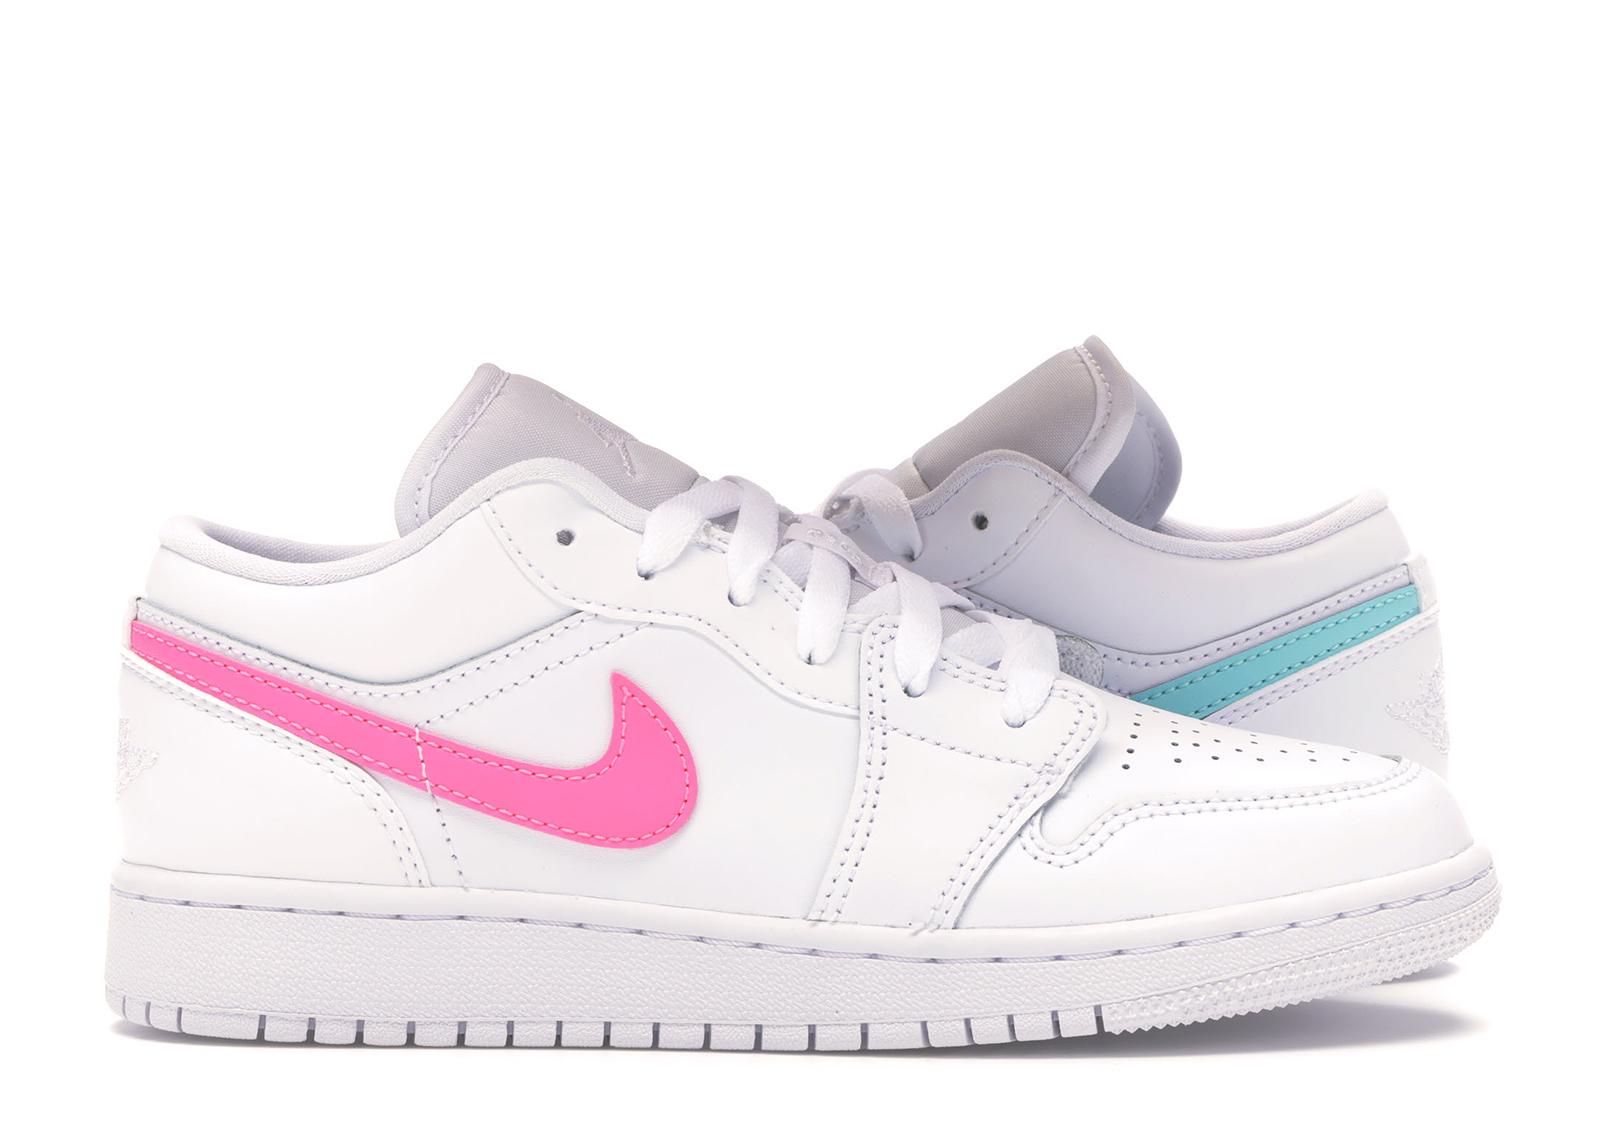 Jordan 1 Low White Neon (GS)